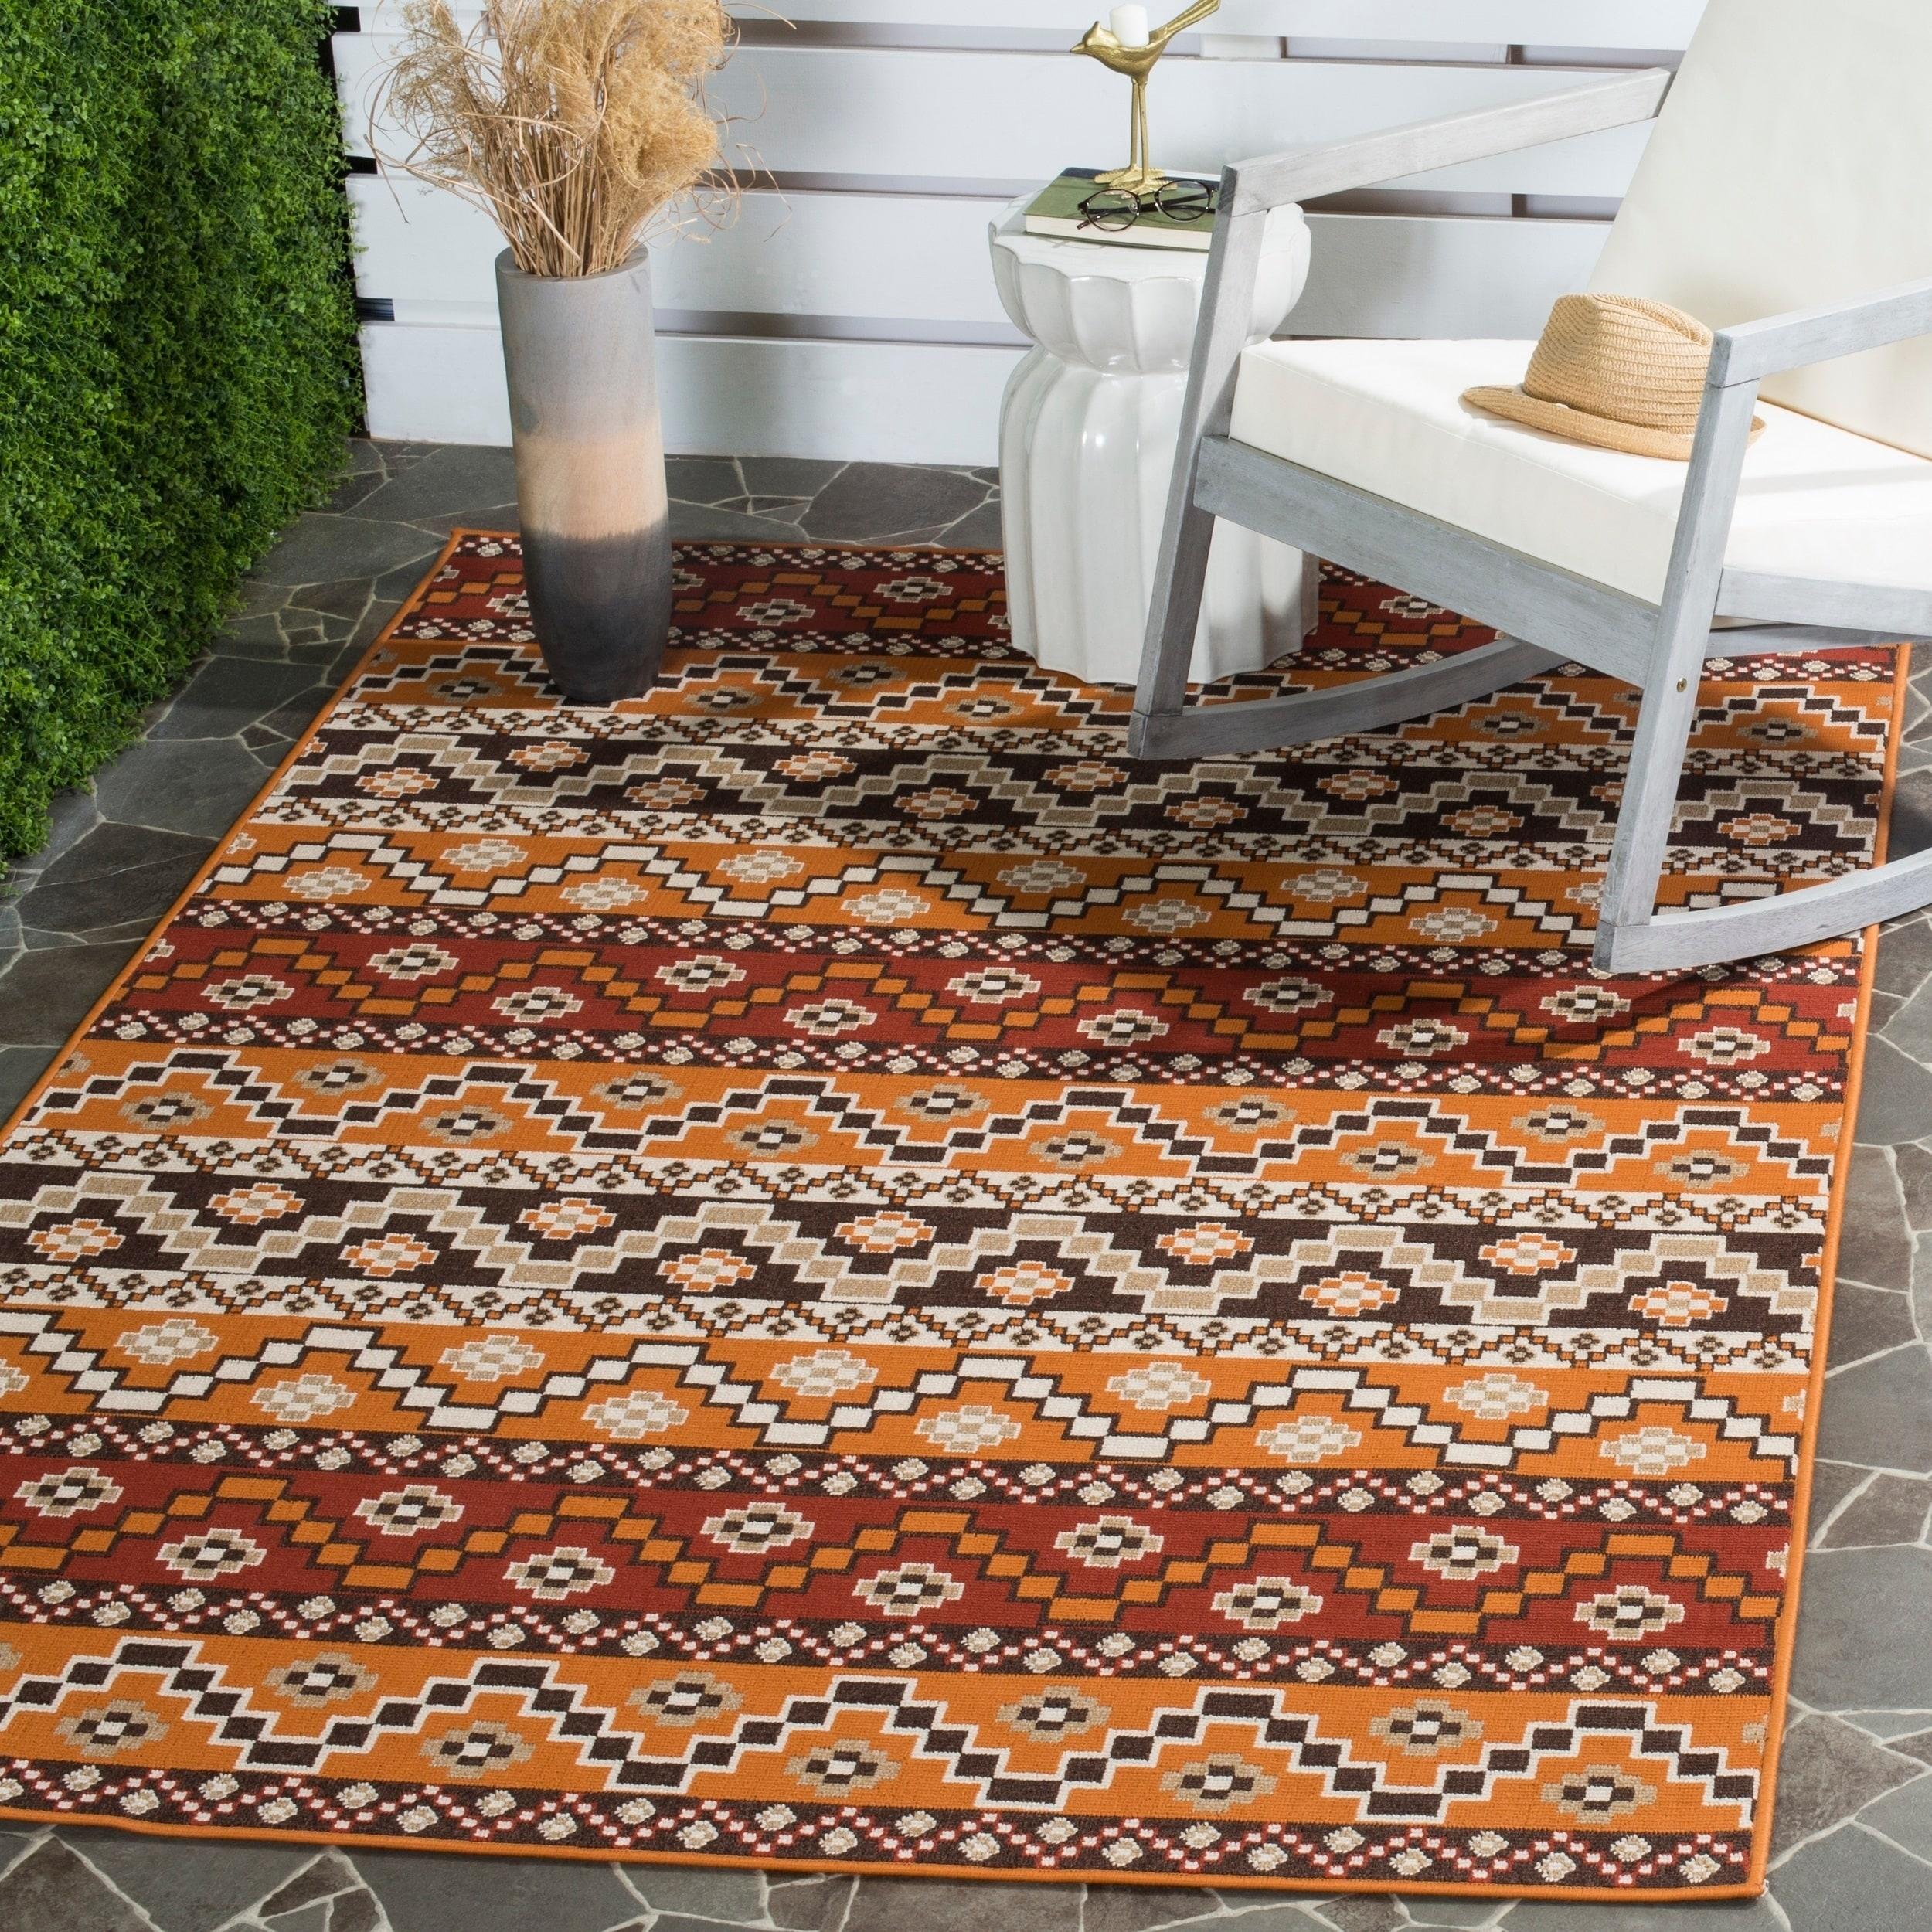 Safavieh Indoor/ Outdoor Veranda Red/ Chocolate Rug (4' x...